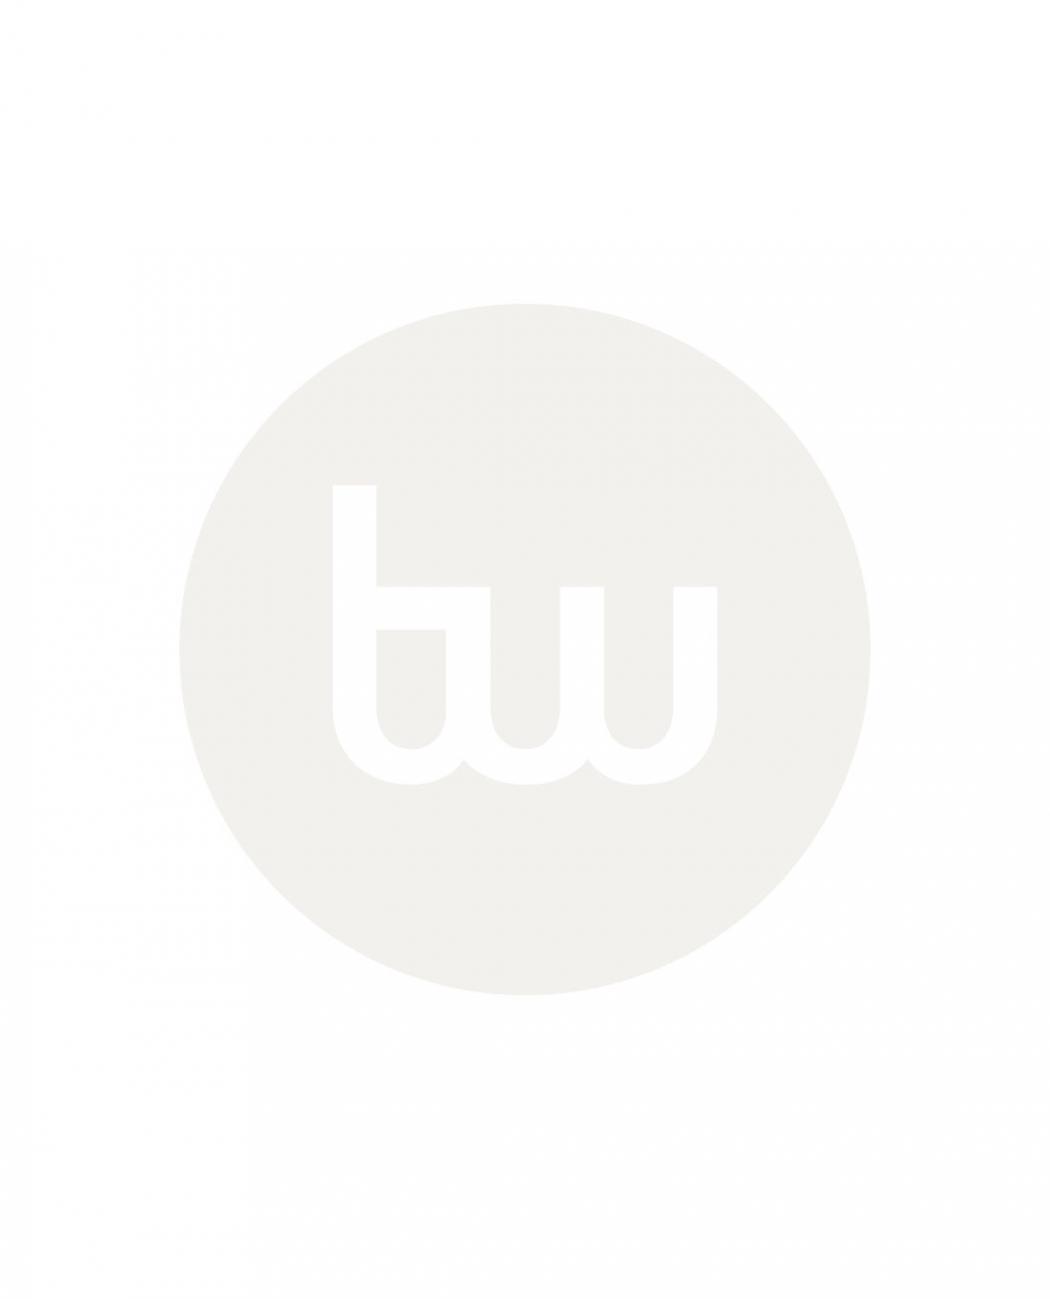 walther-prosecur-home-defense-04-22020.j